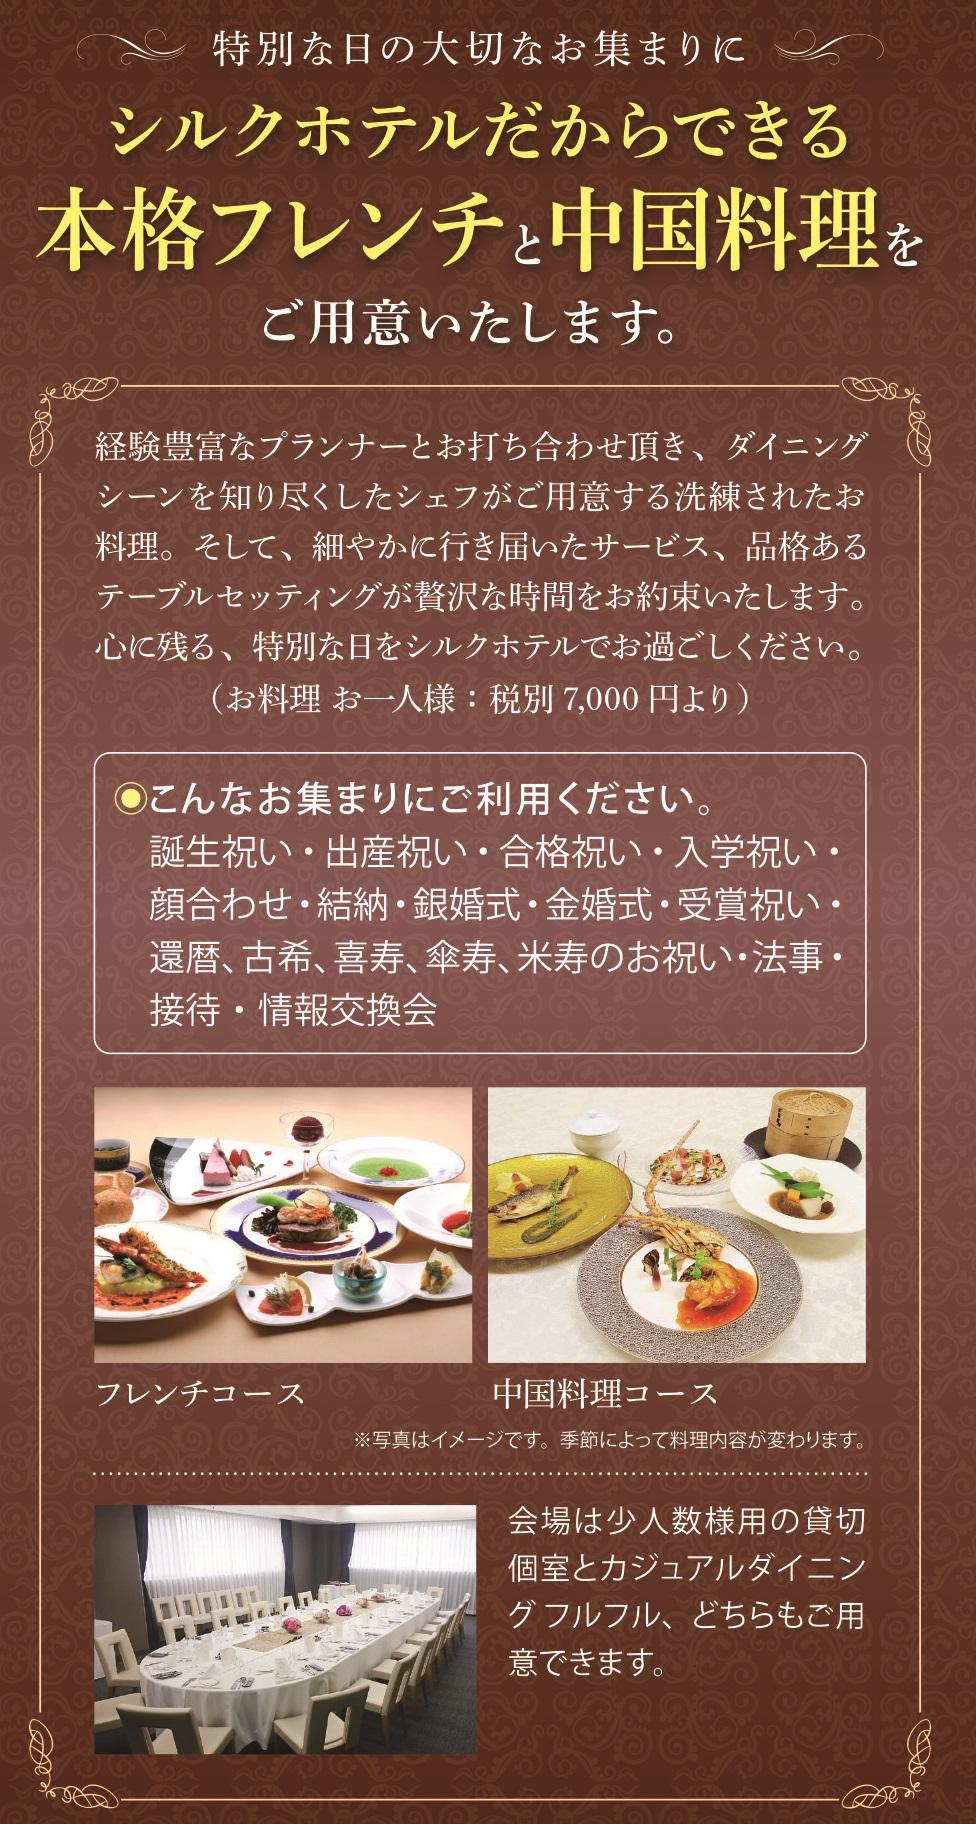 特別な日の大切なお集まりに、本格フレンチと中国料理を。